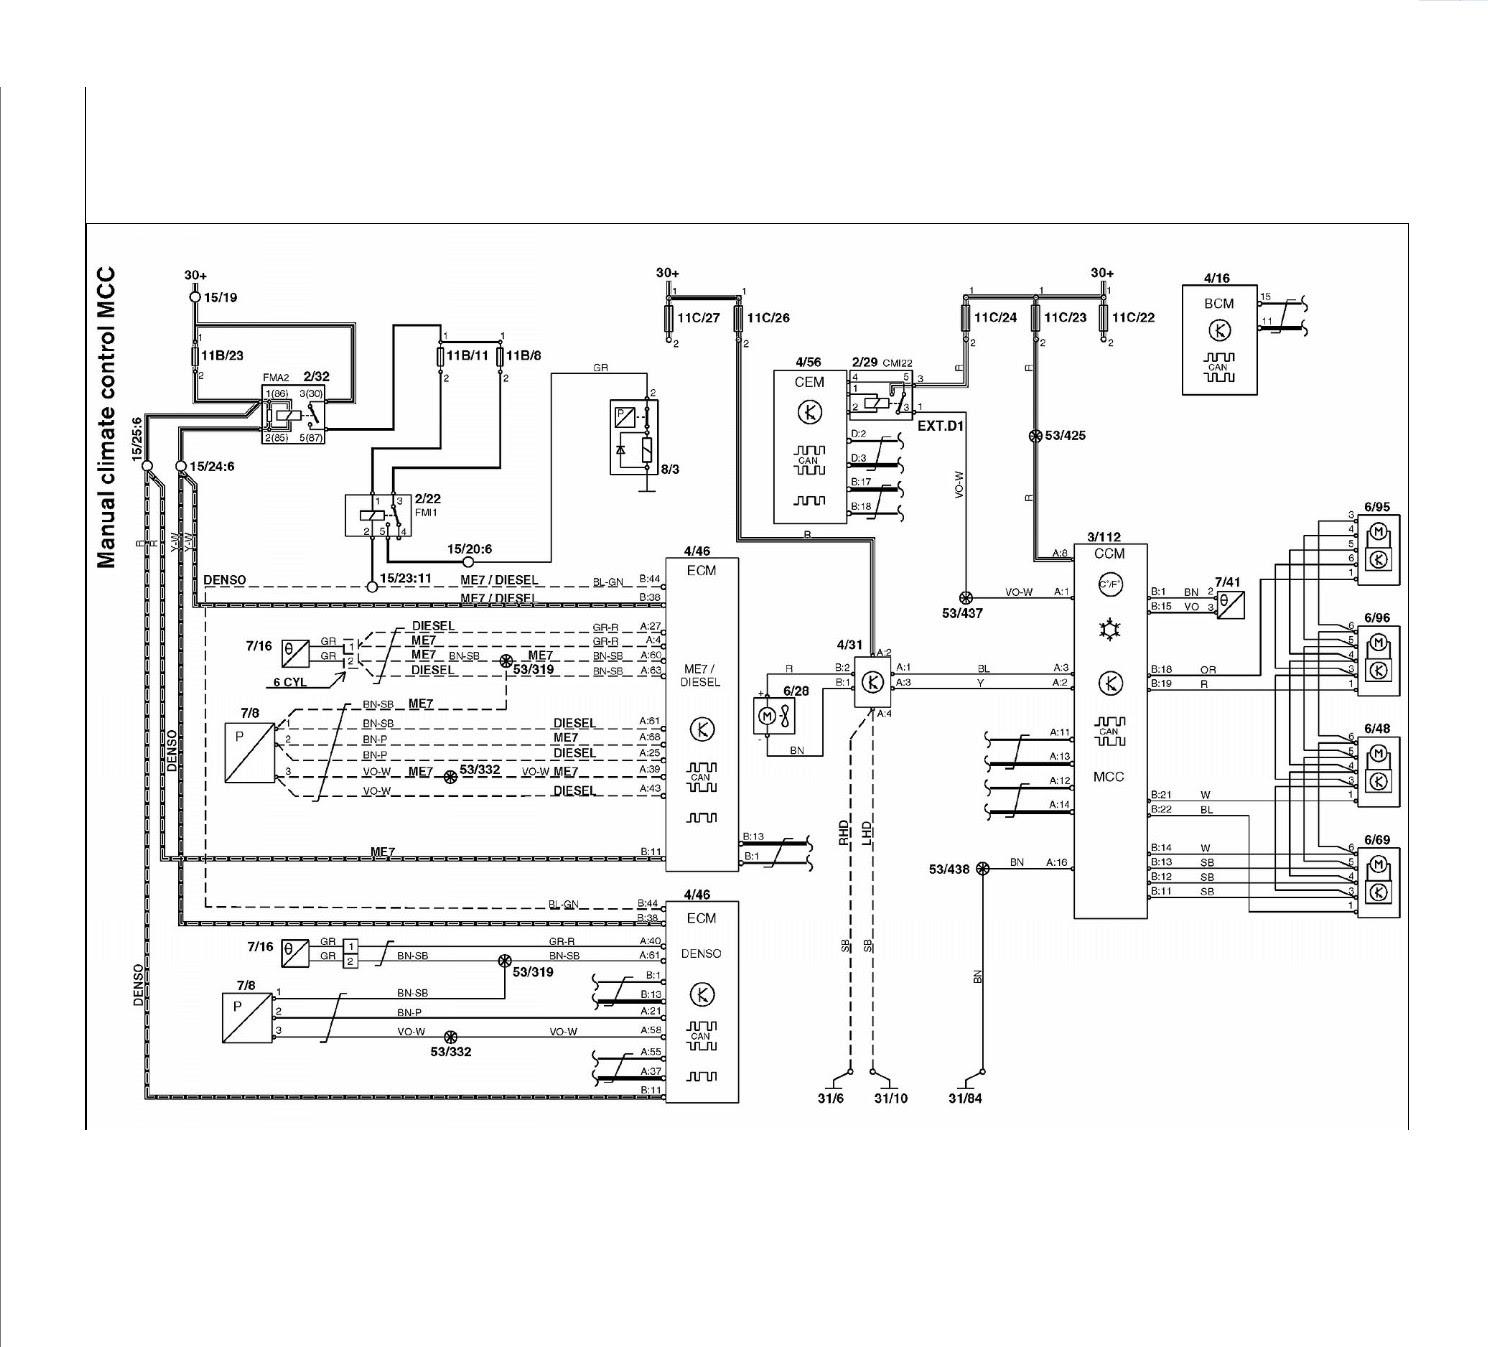 Volvo S60 Serpentine Belt Routing Diagram